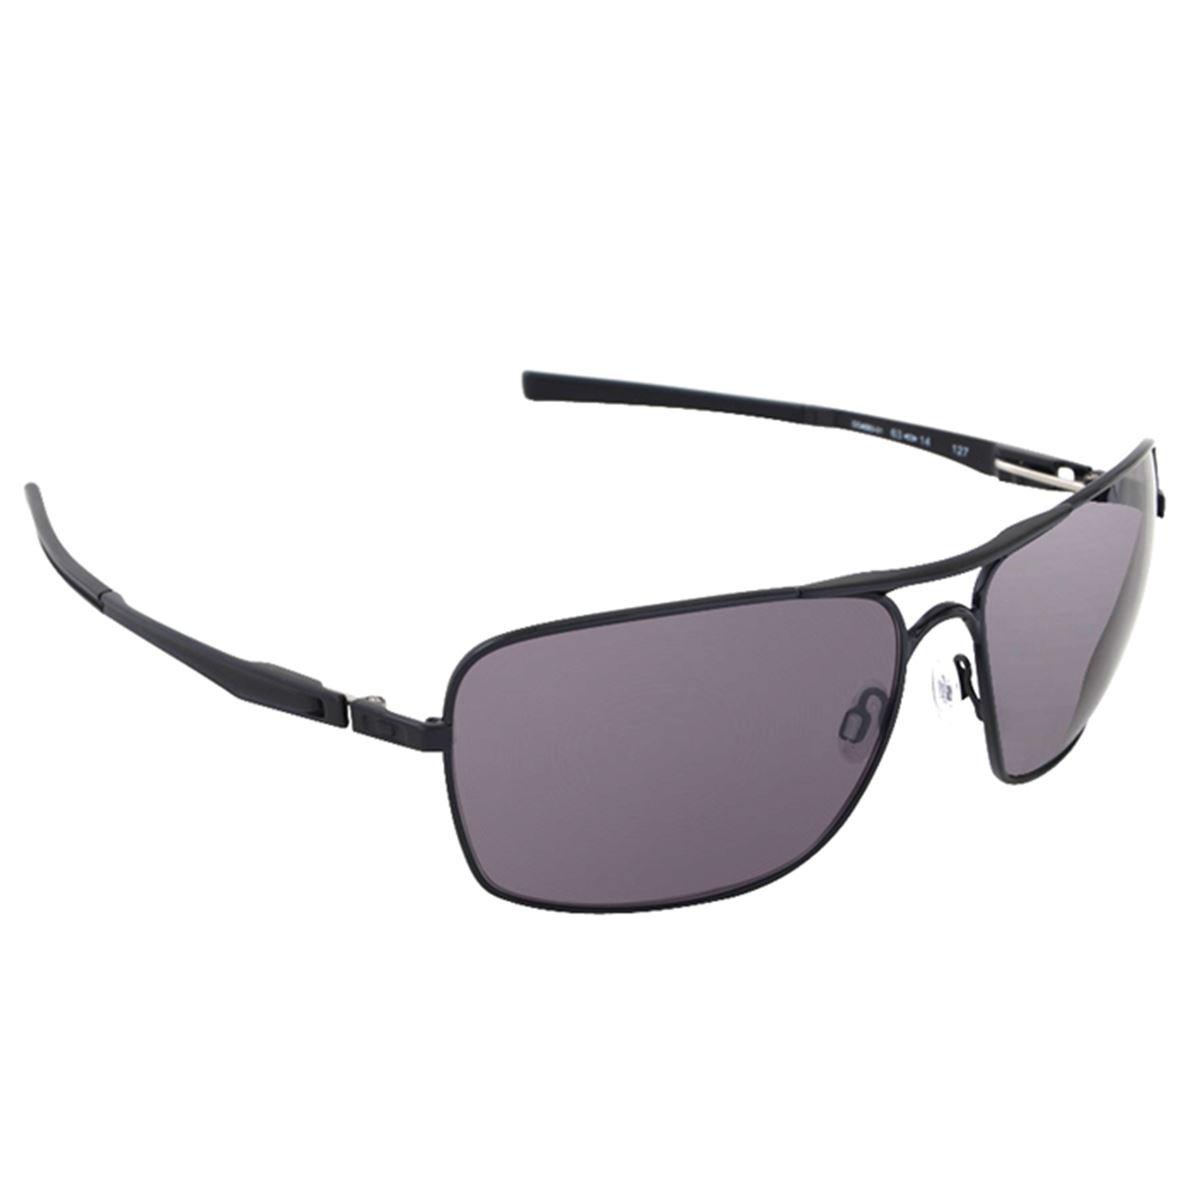 a723ecc6b3247 óculos oakley plaintiff square polished black w warm grey. Carregando zoom.